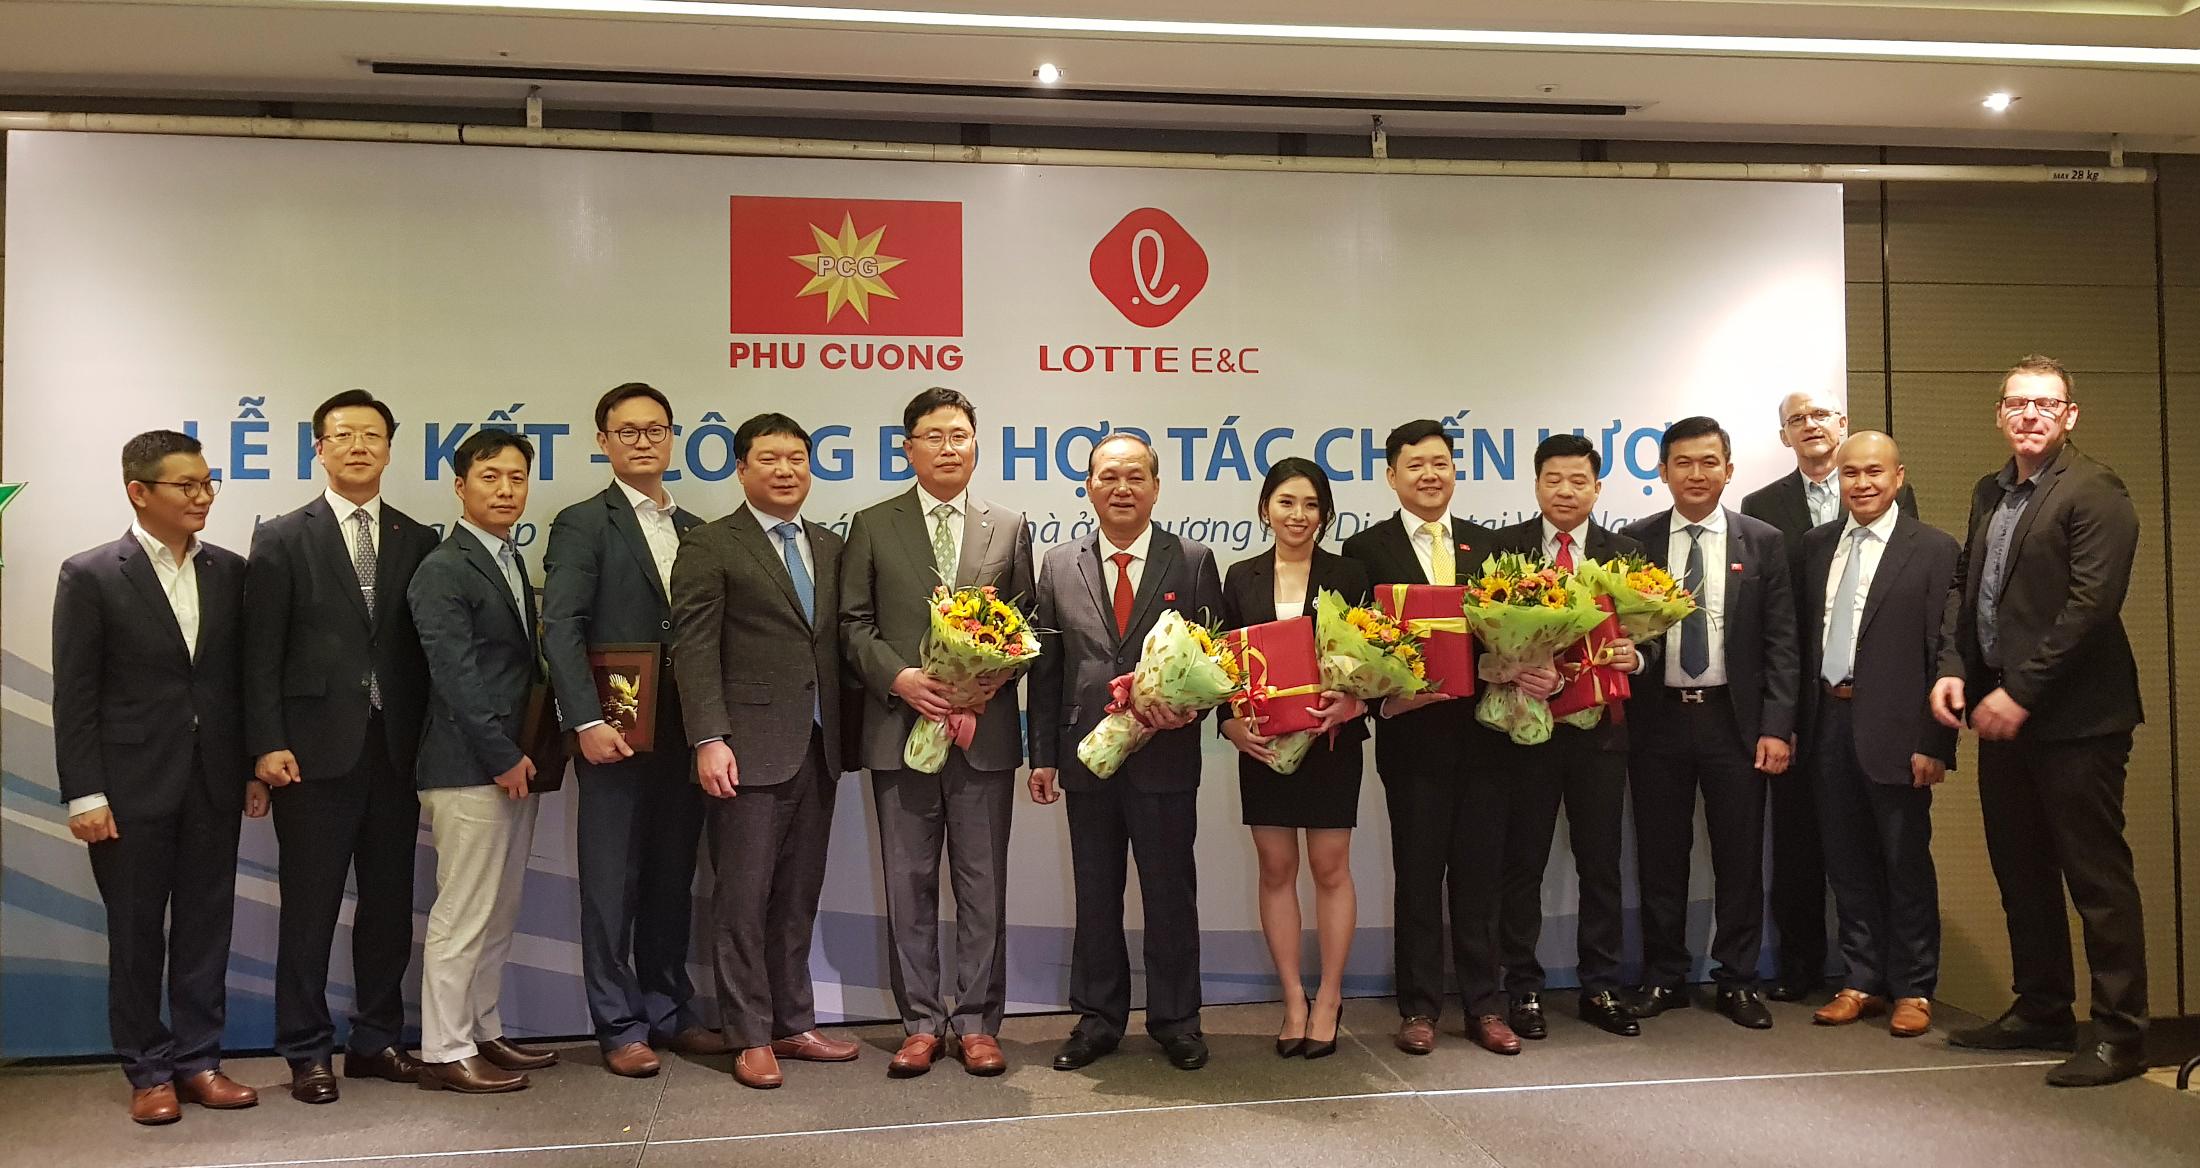 롯데건설과 베트남 푸끄엉 그룹의 주요 관계자들이 단체 촬영 중이다.jpg